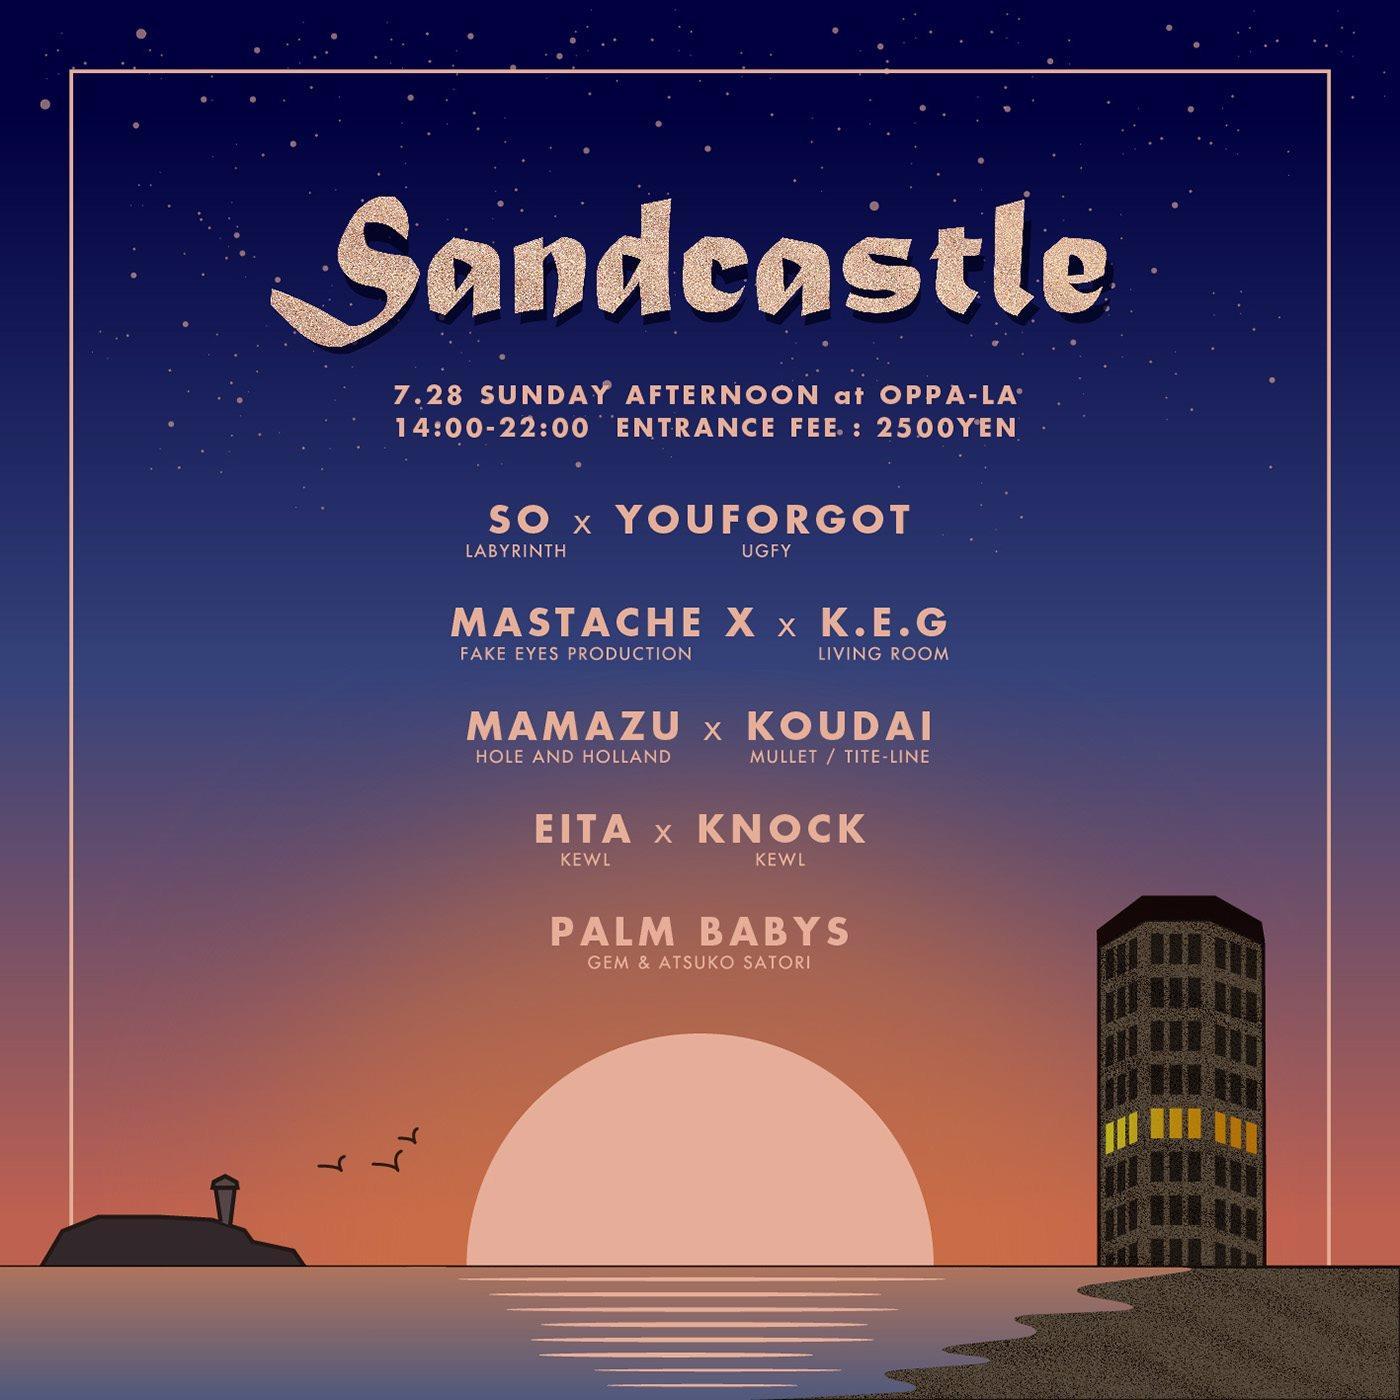 Sandcatsle